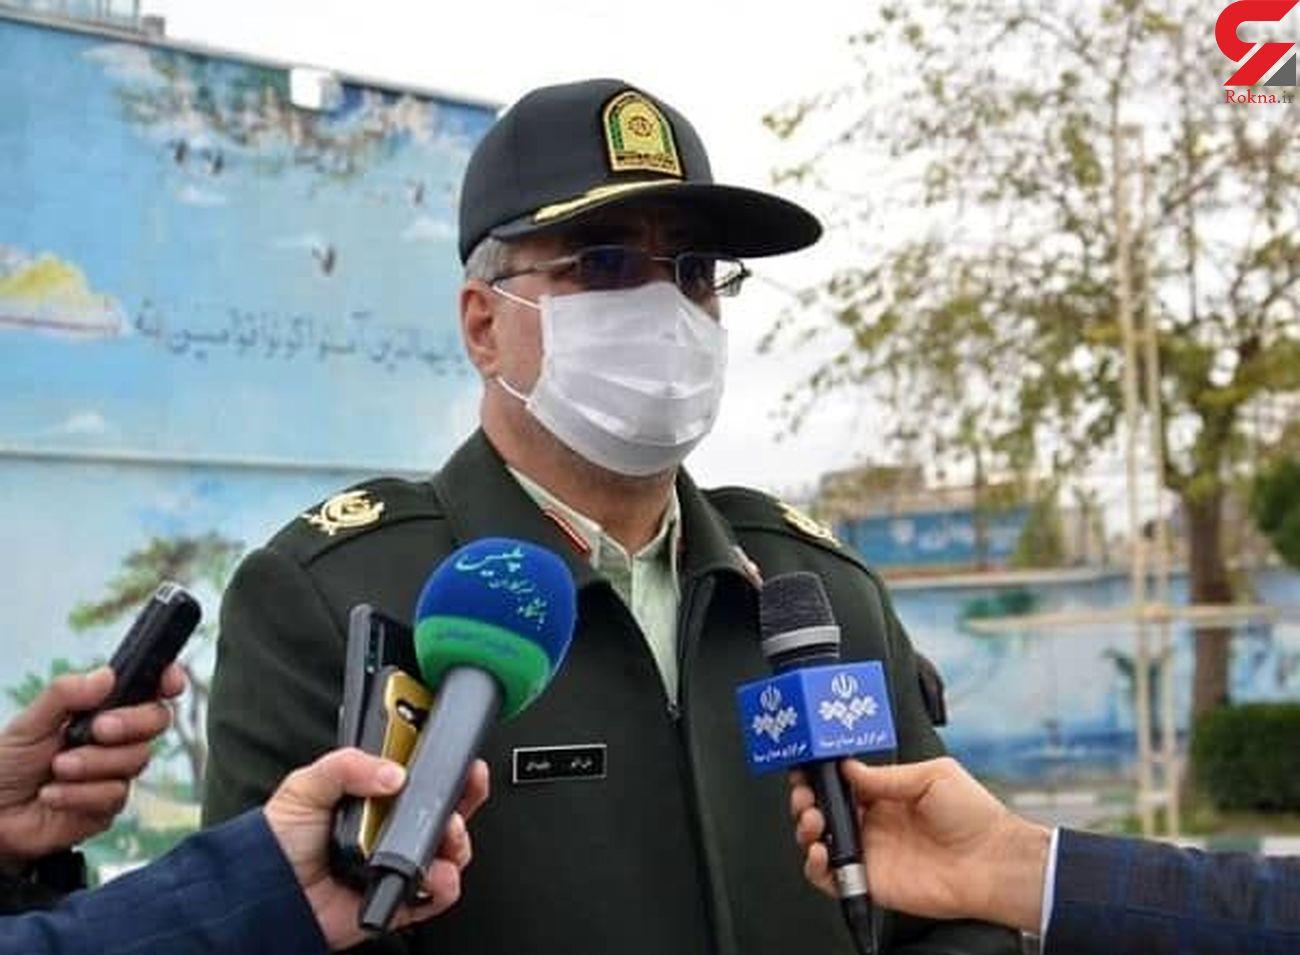 کشف 168 کیلوگرم تریاک در کرمان با کار اطلاعاتی پلیس کرمانشاه